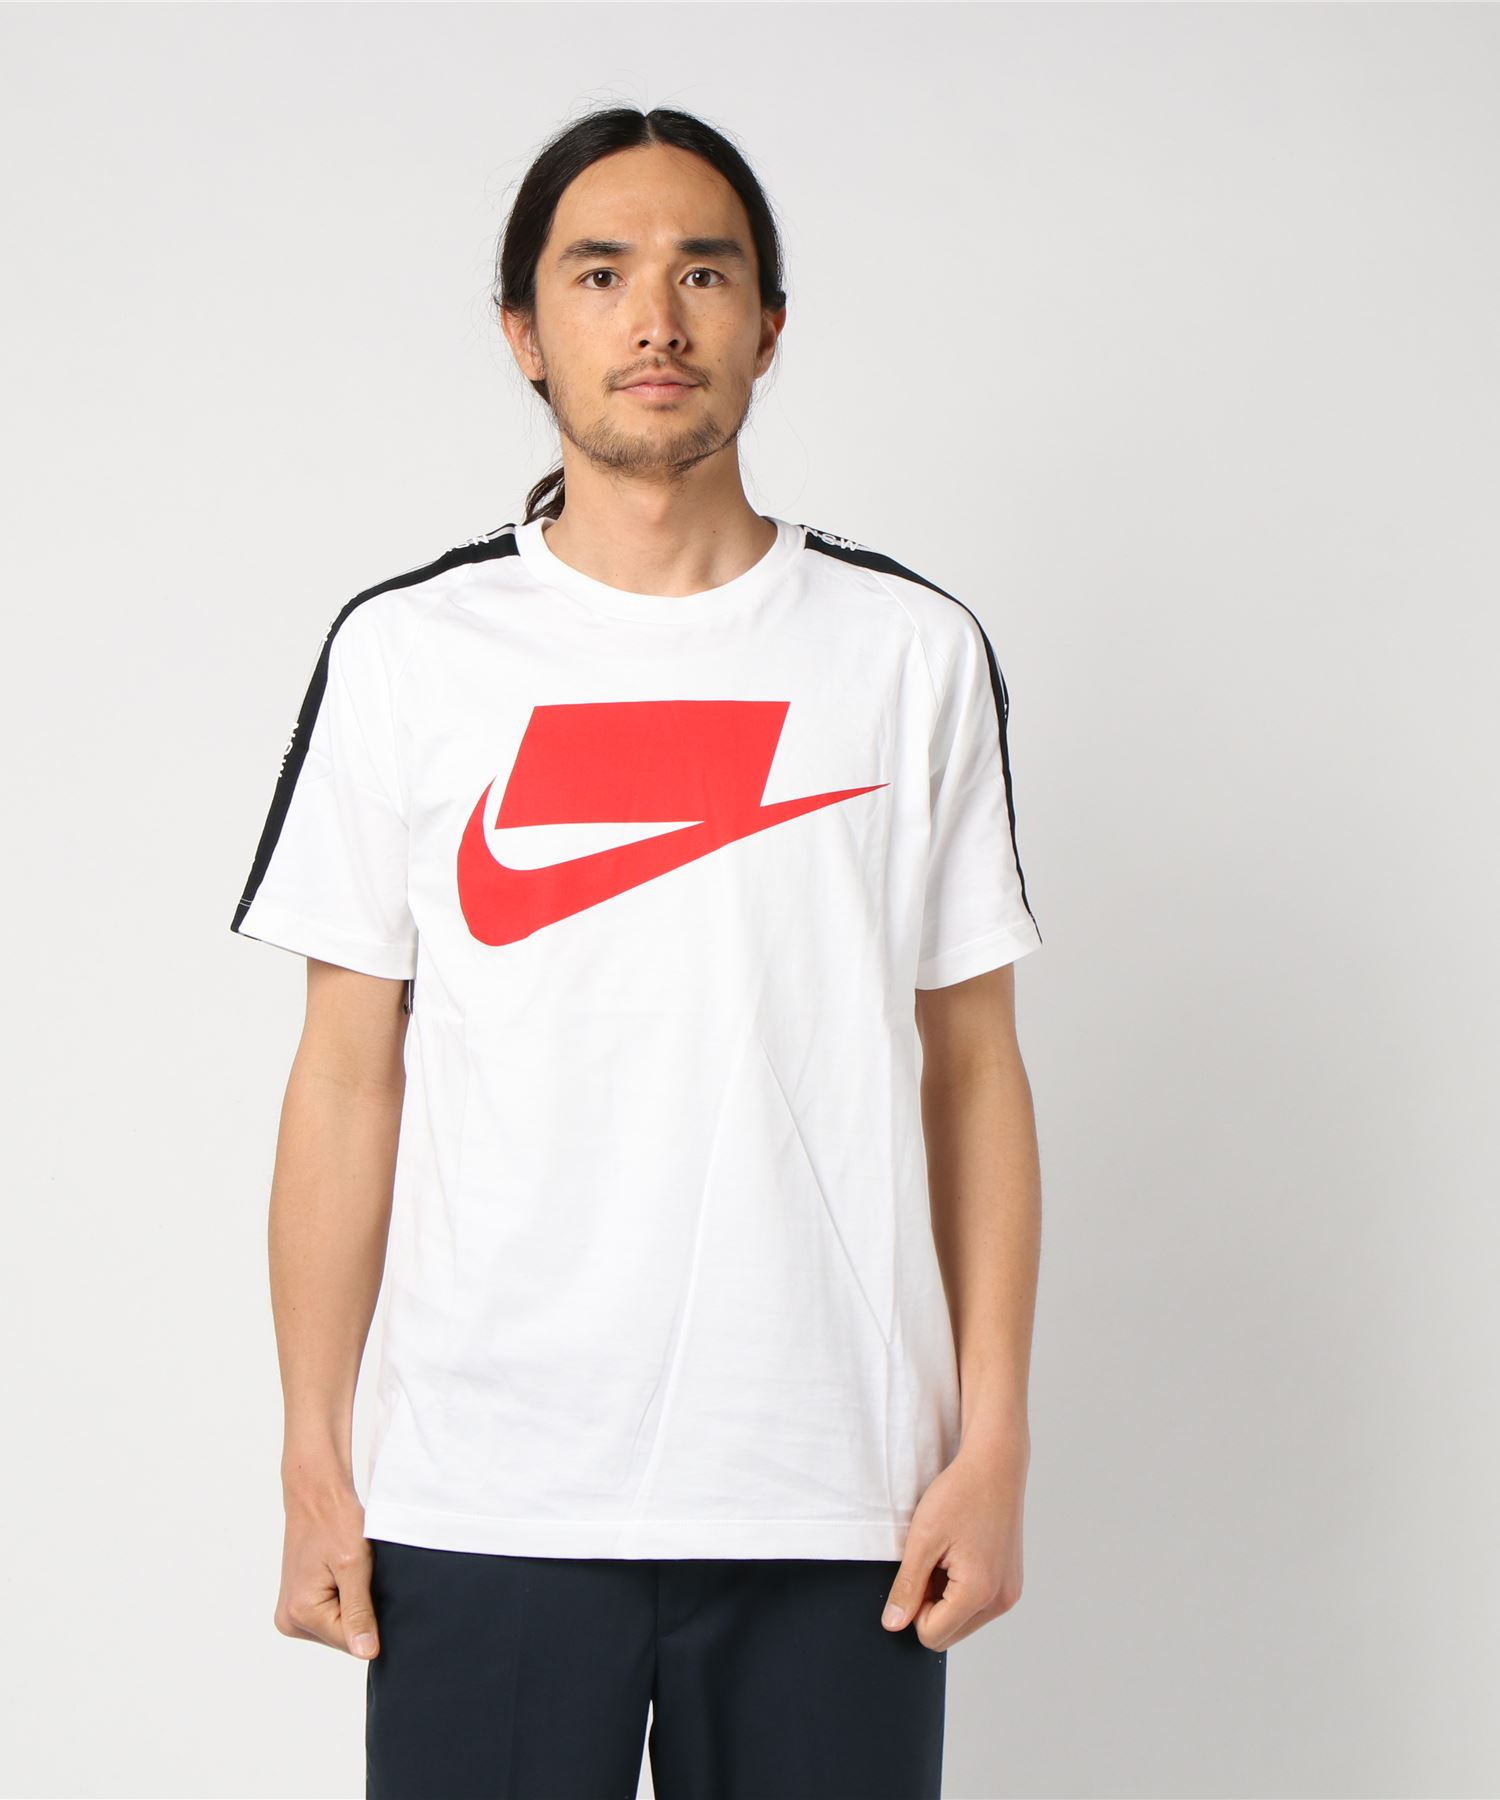 ナイキ NIKE / スポーツウェア NSW2Tシャツ AV9959